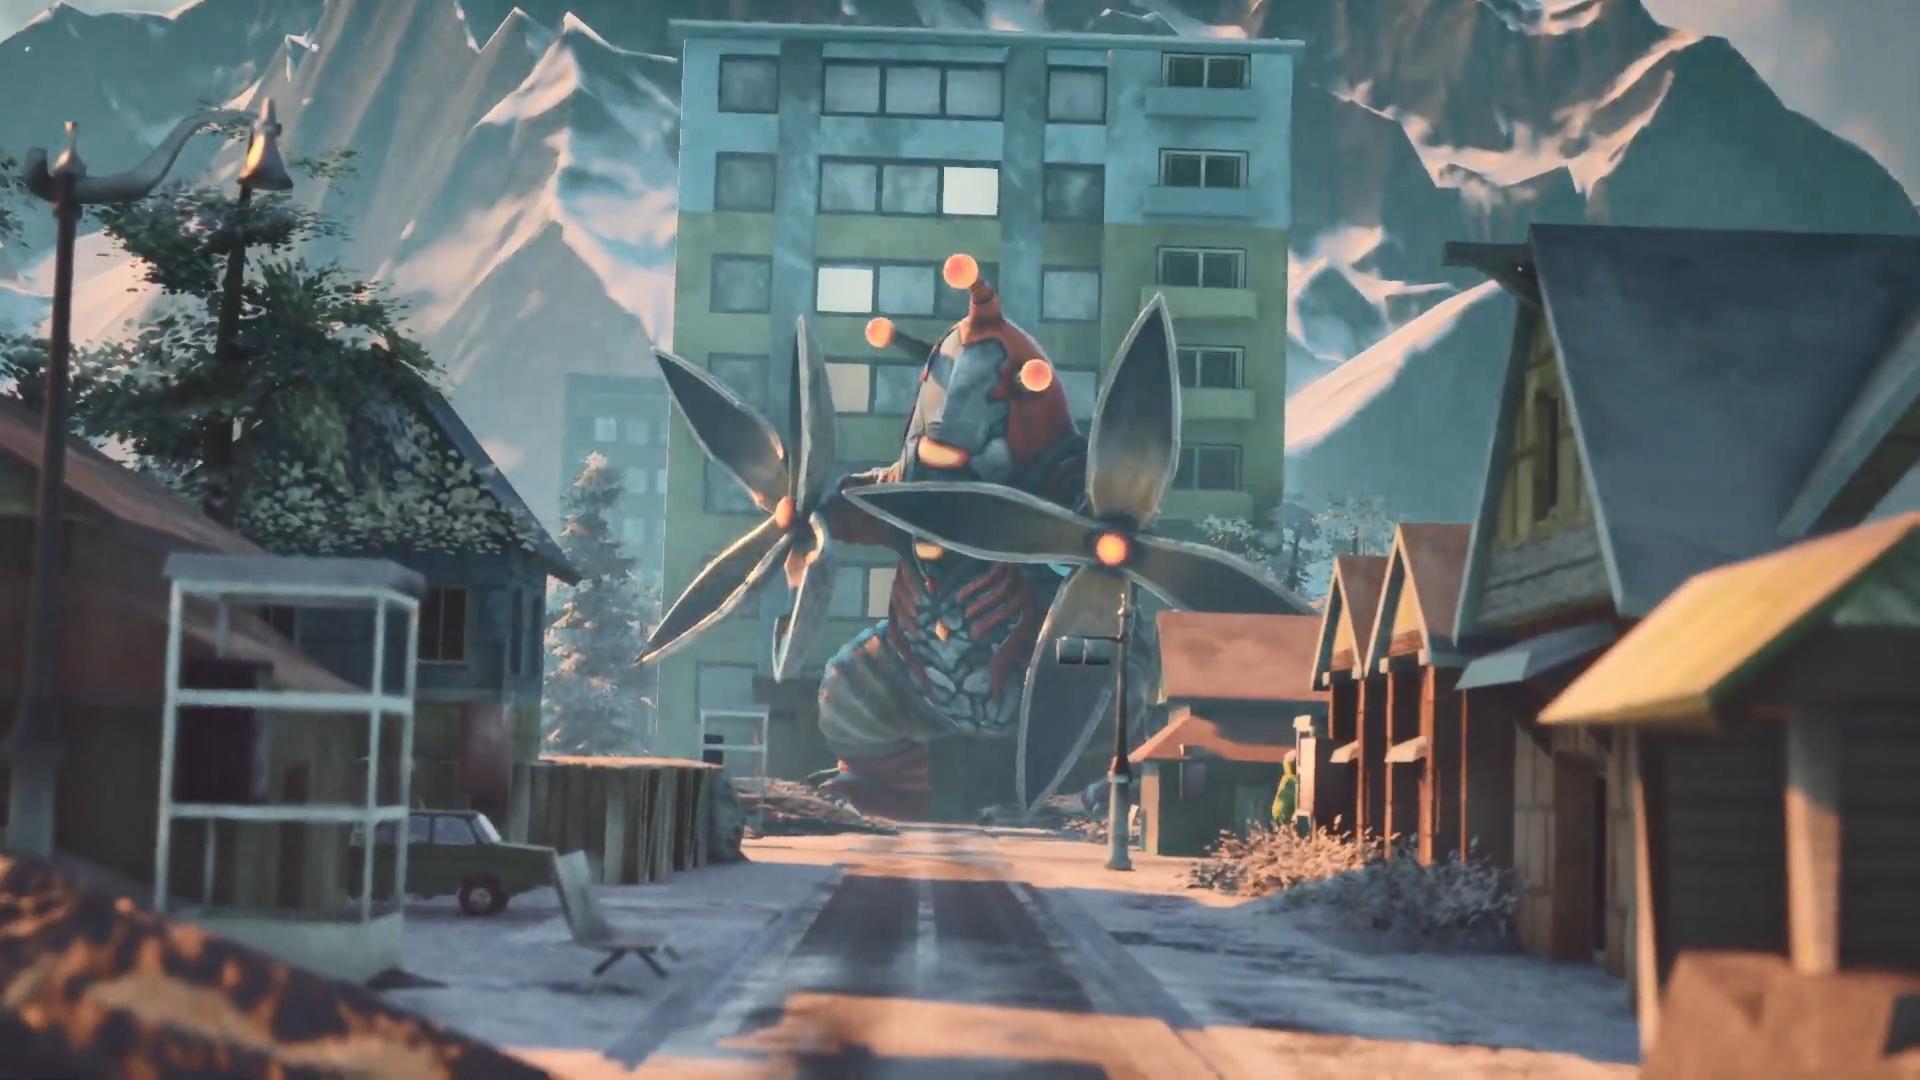 《巨击大乱斗》TGS故事模式预告片 2022年登陆PS4和PC